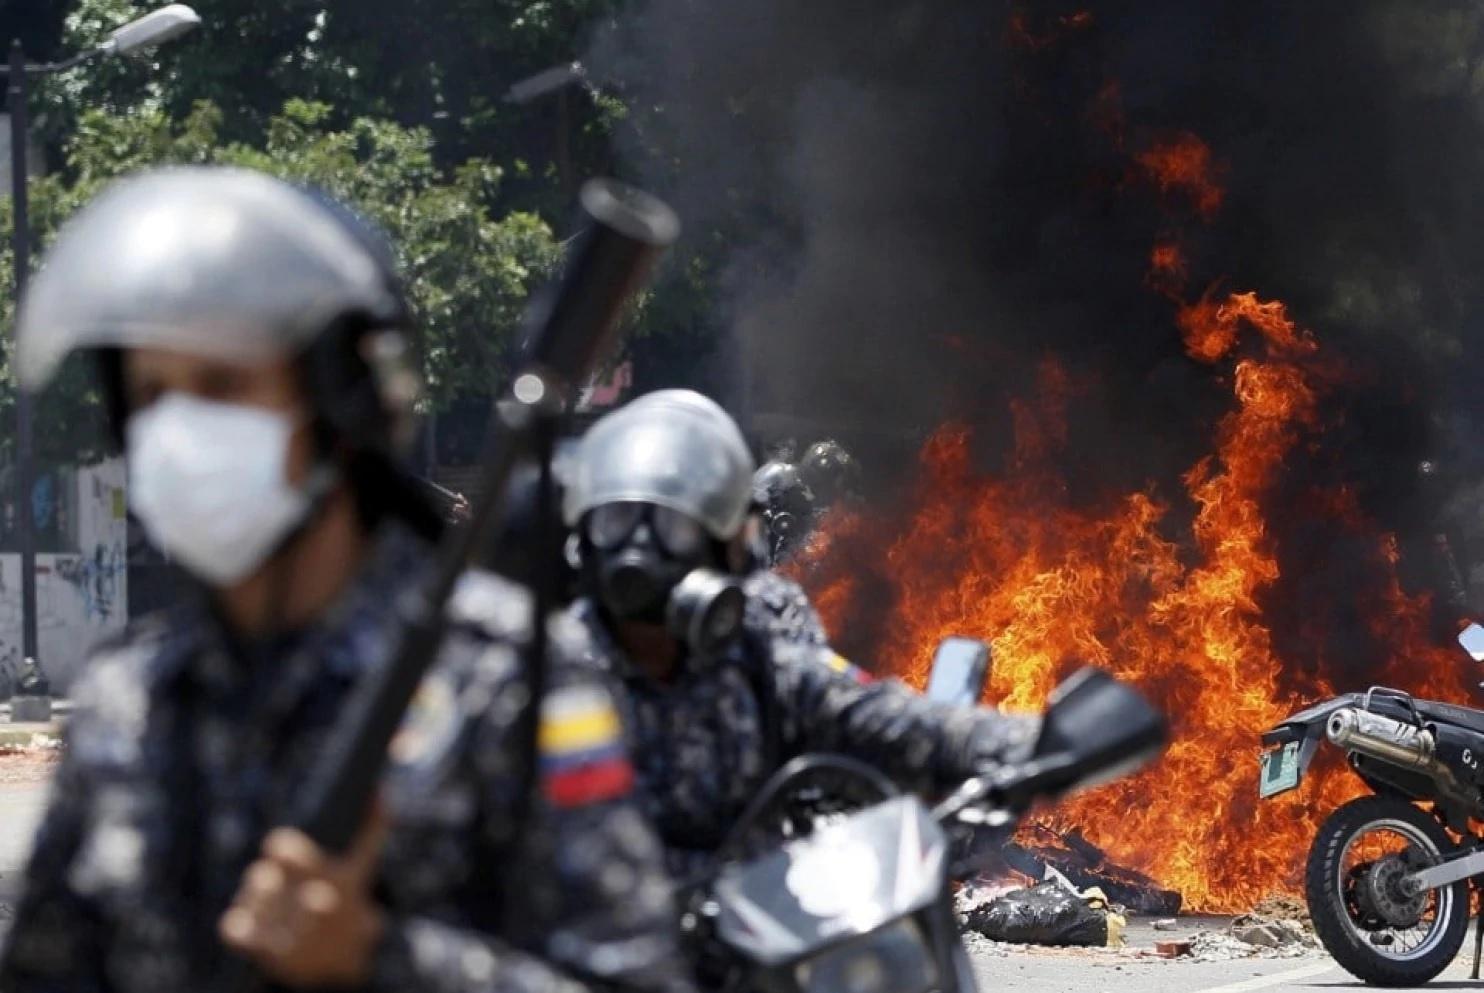 اعلمیفریمان: مردم ونزوئلا چیزی برای از دست دادن ندارند